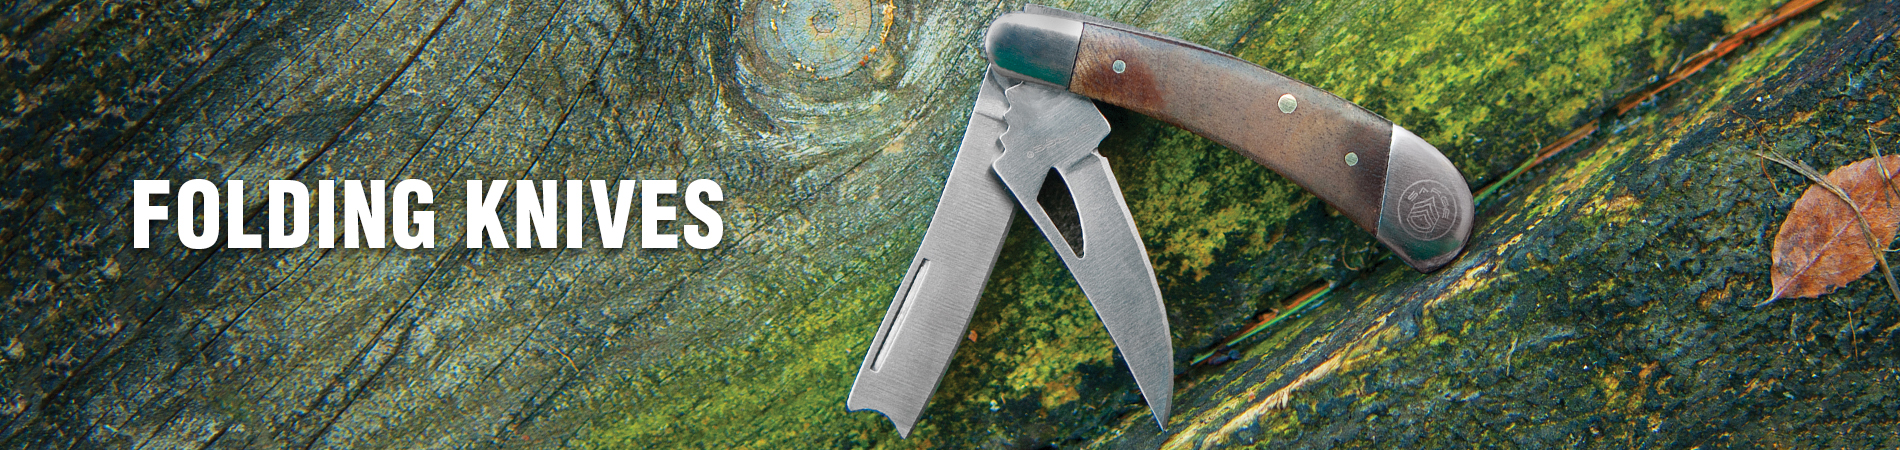 Folding Knives | New Pocket Knives | High Quality Knife